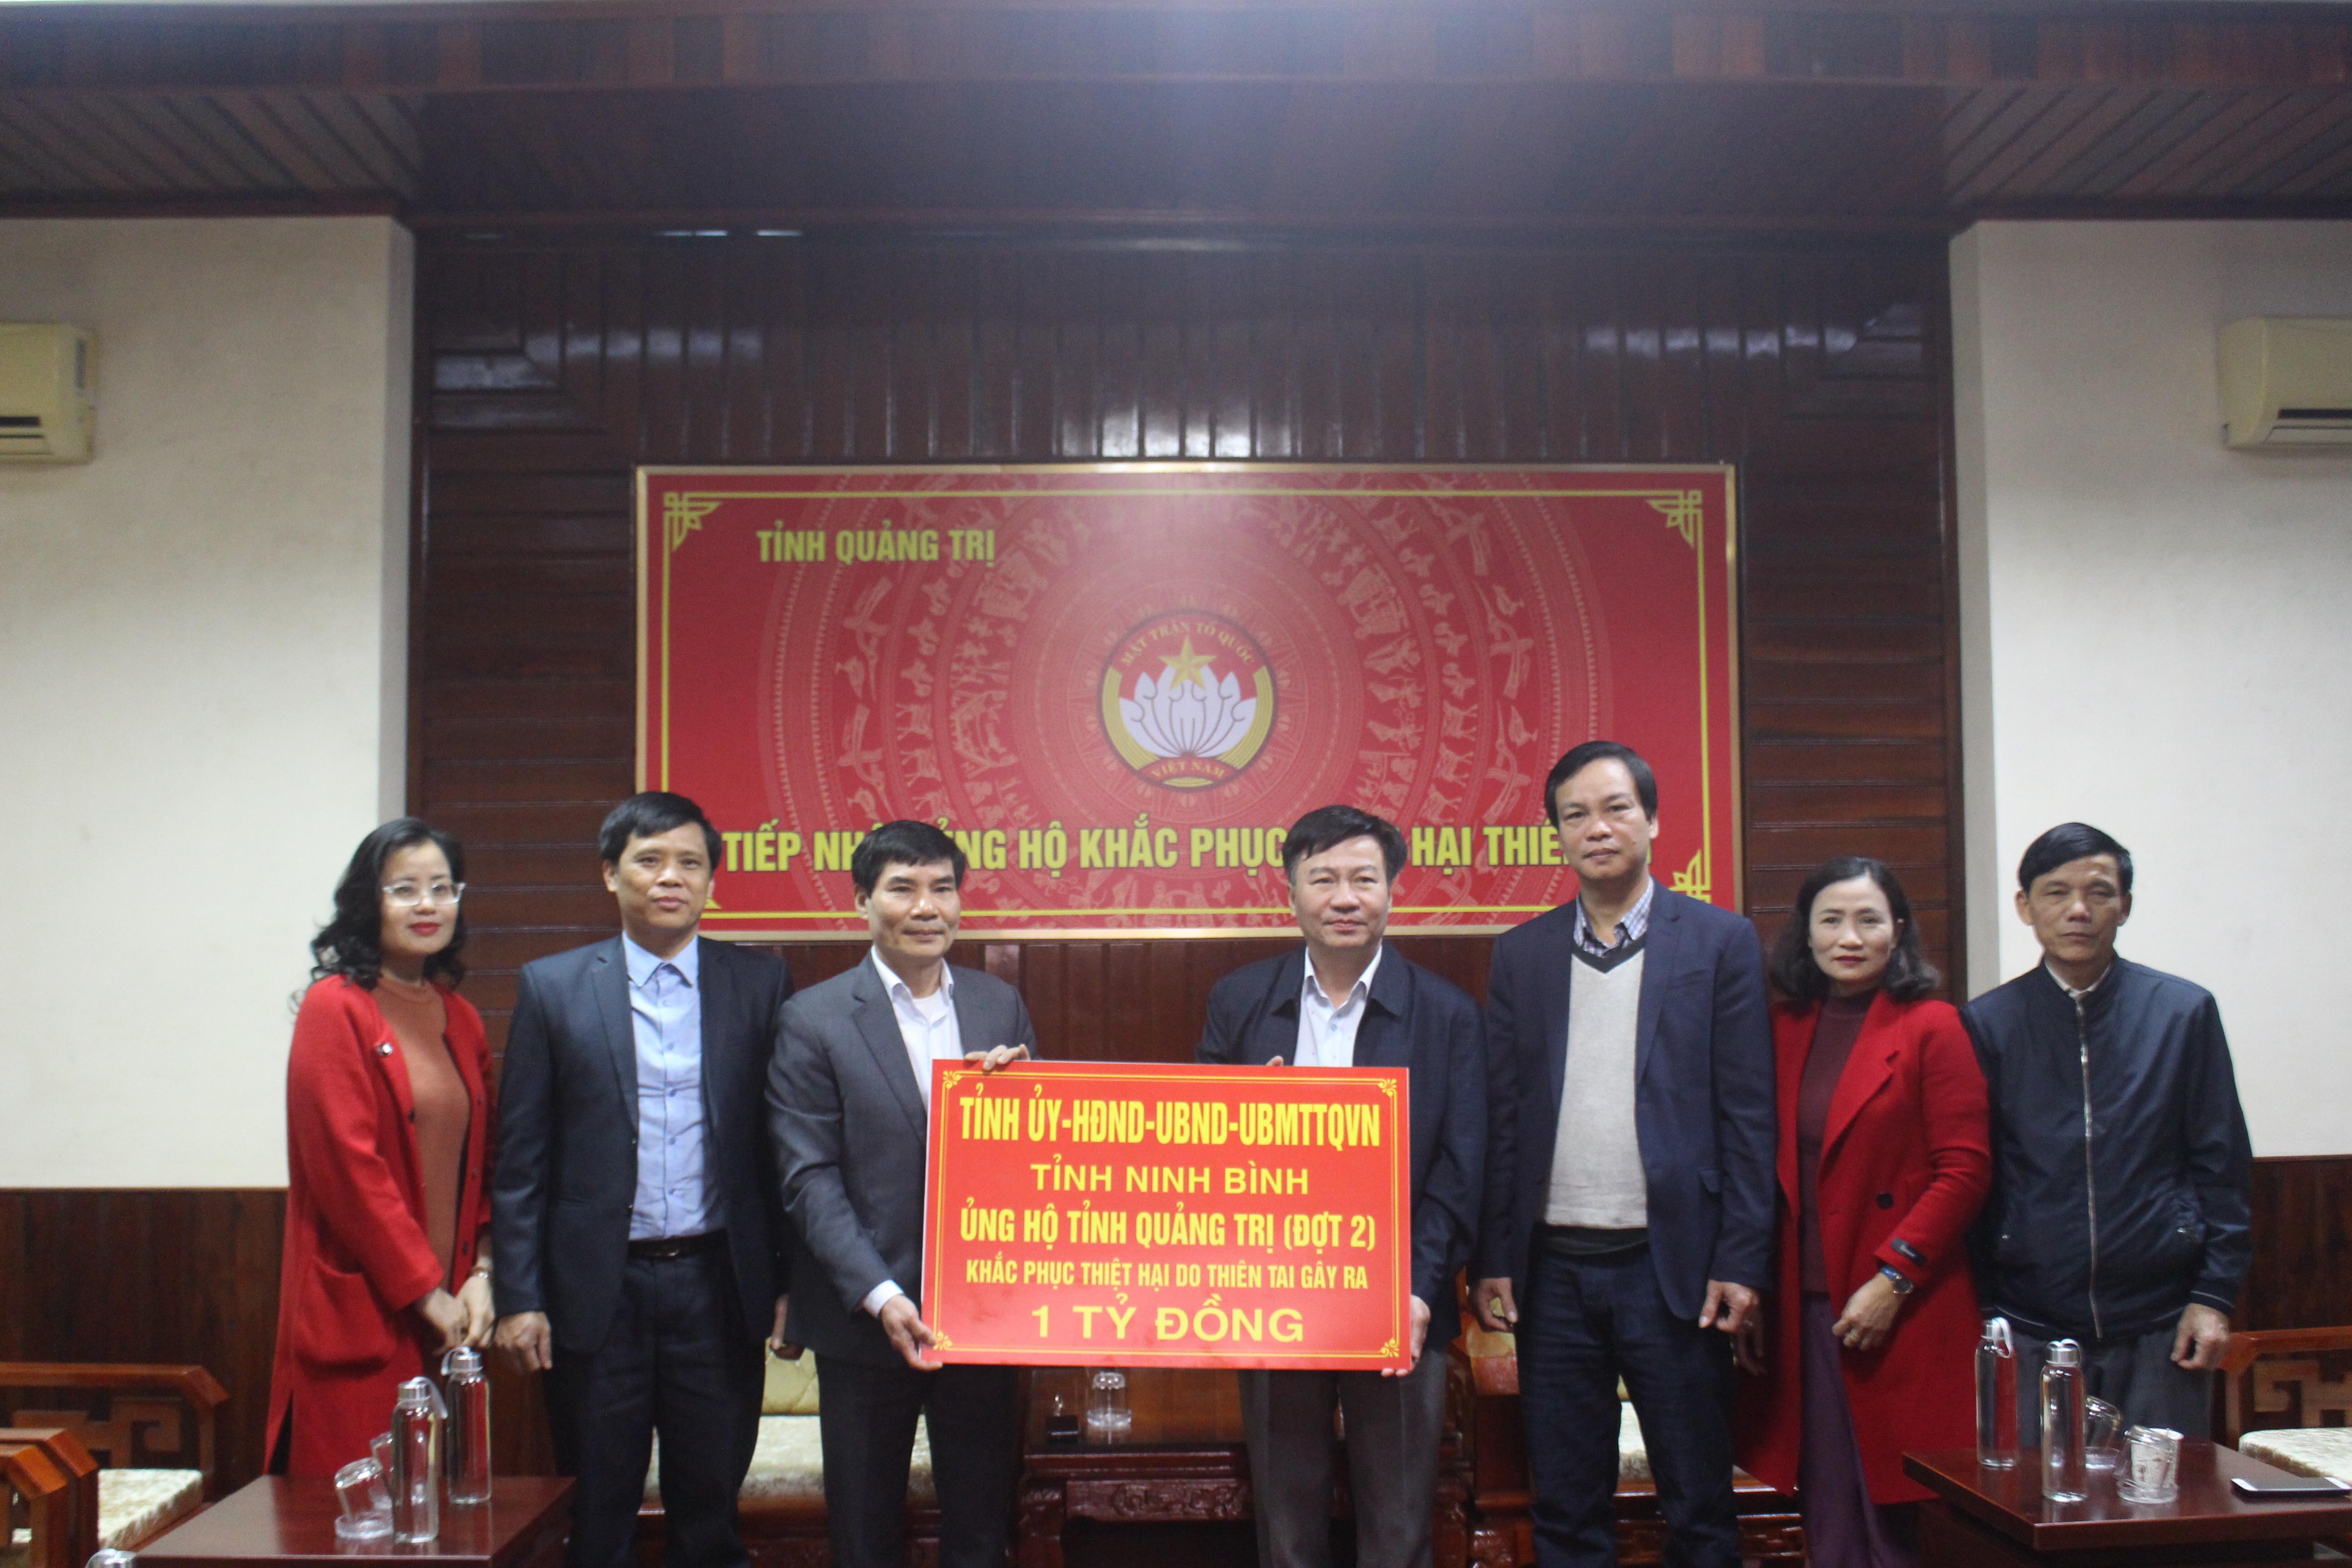 Tỉnh Ninh Bình hỗ trợ nhân dân tỉnh Quảng Trị 1 tỷ đồng khắc phục hậu quả bão lũ.